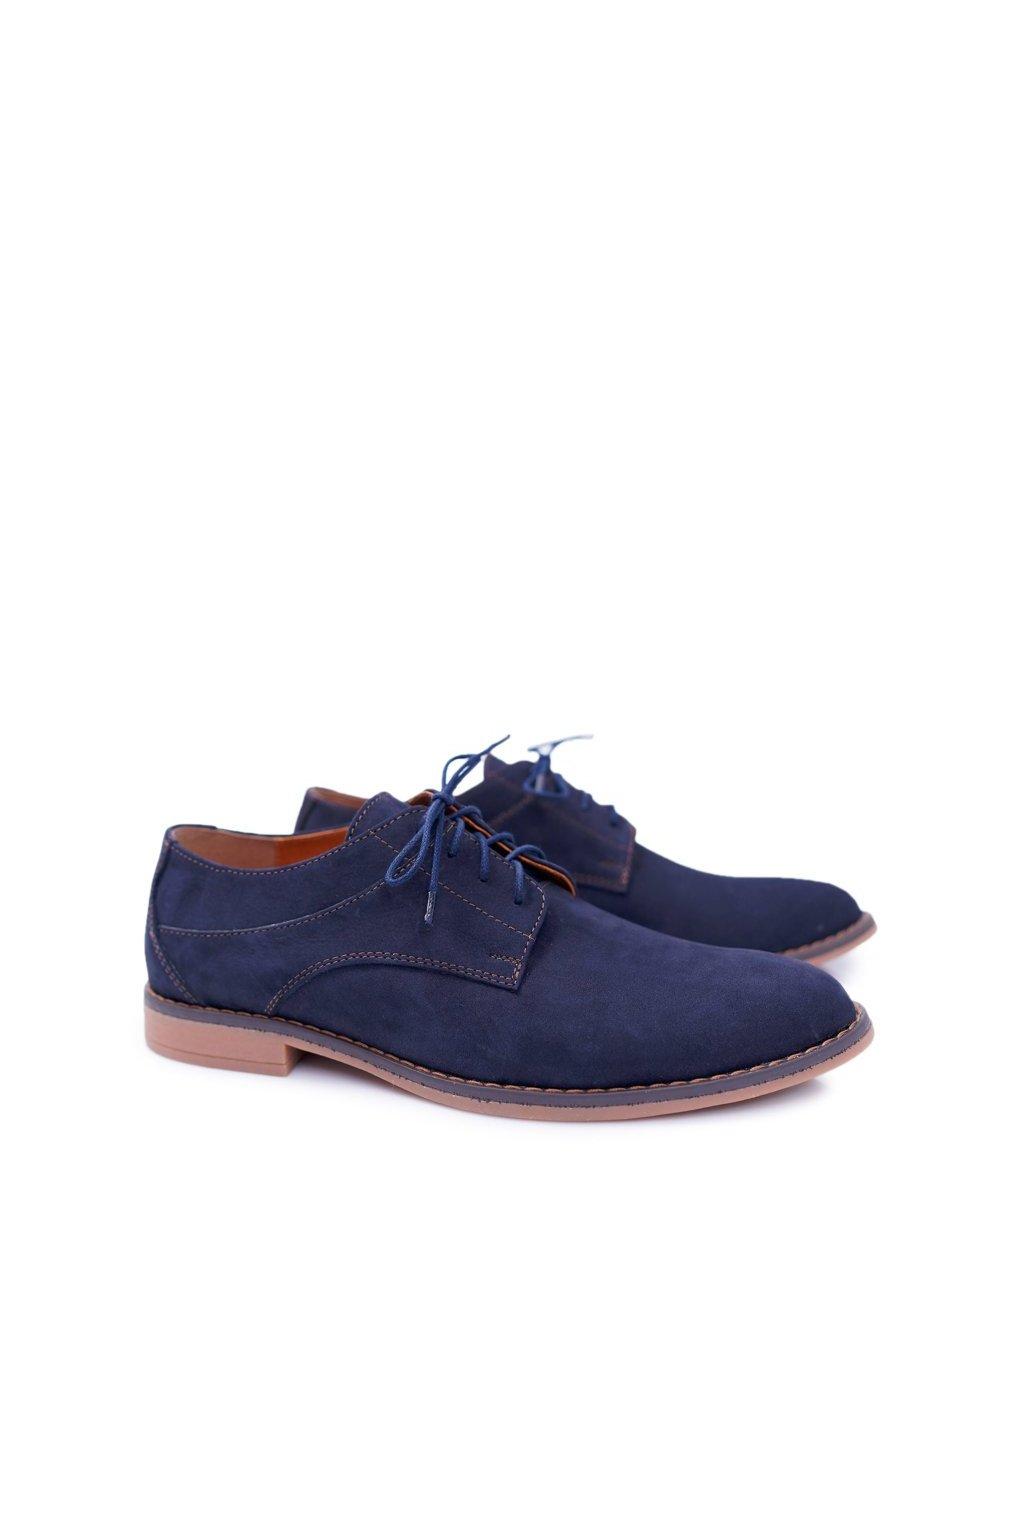 Pánske poltopánky farba modrá kód obuvi 654 NUBUCK NAVY